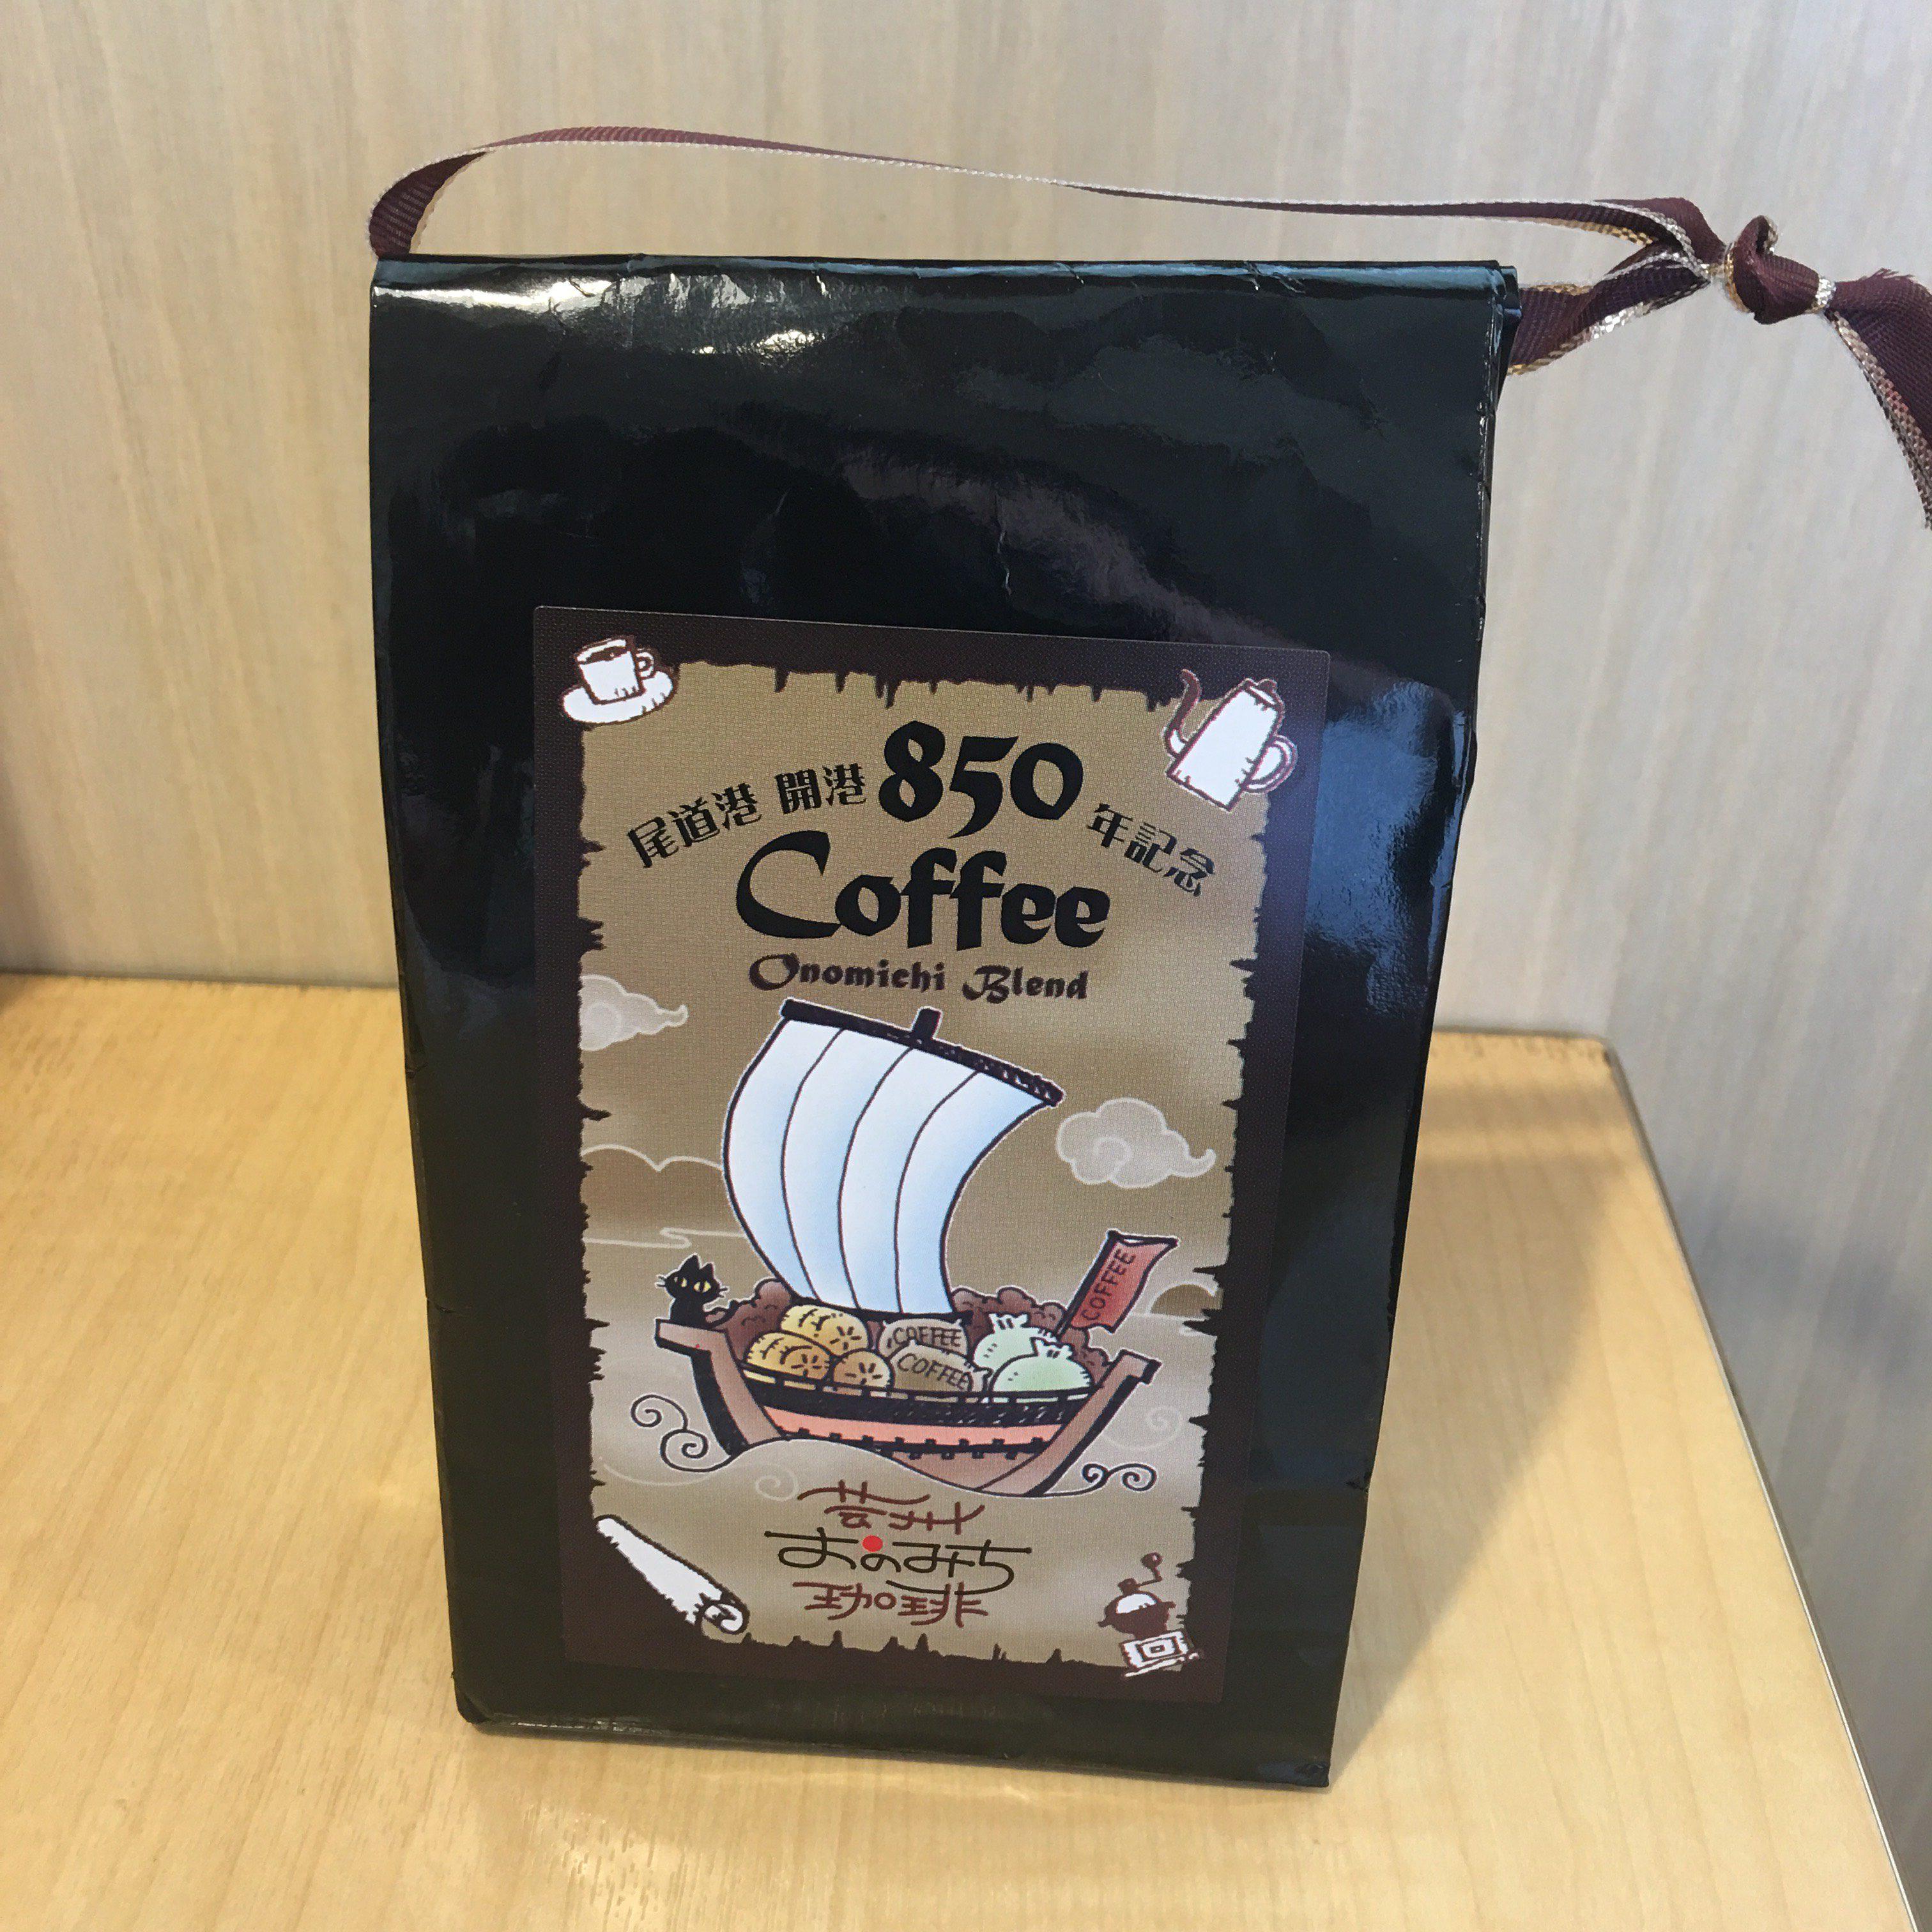 『がんばろう広島』尾道港開港850周年を記念して制作したブレンドコーヒ「尾道港開港850年記念Coffee」の試飲販売会を開催!